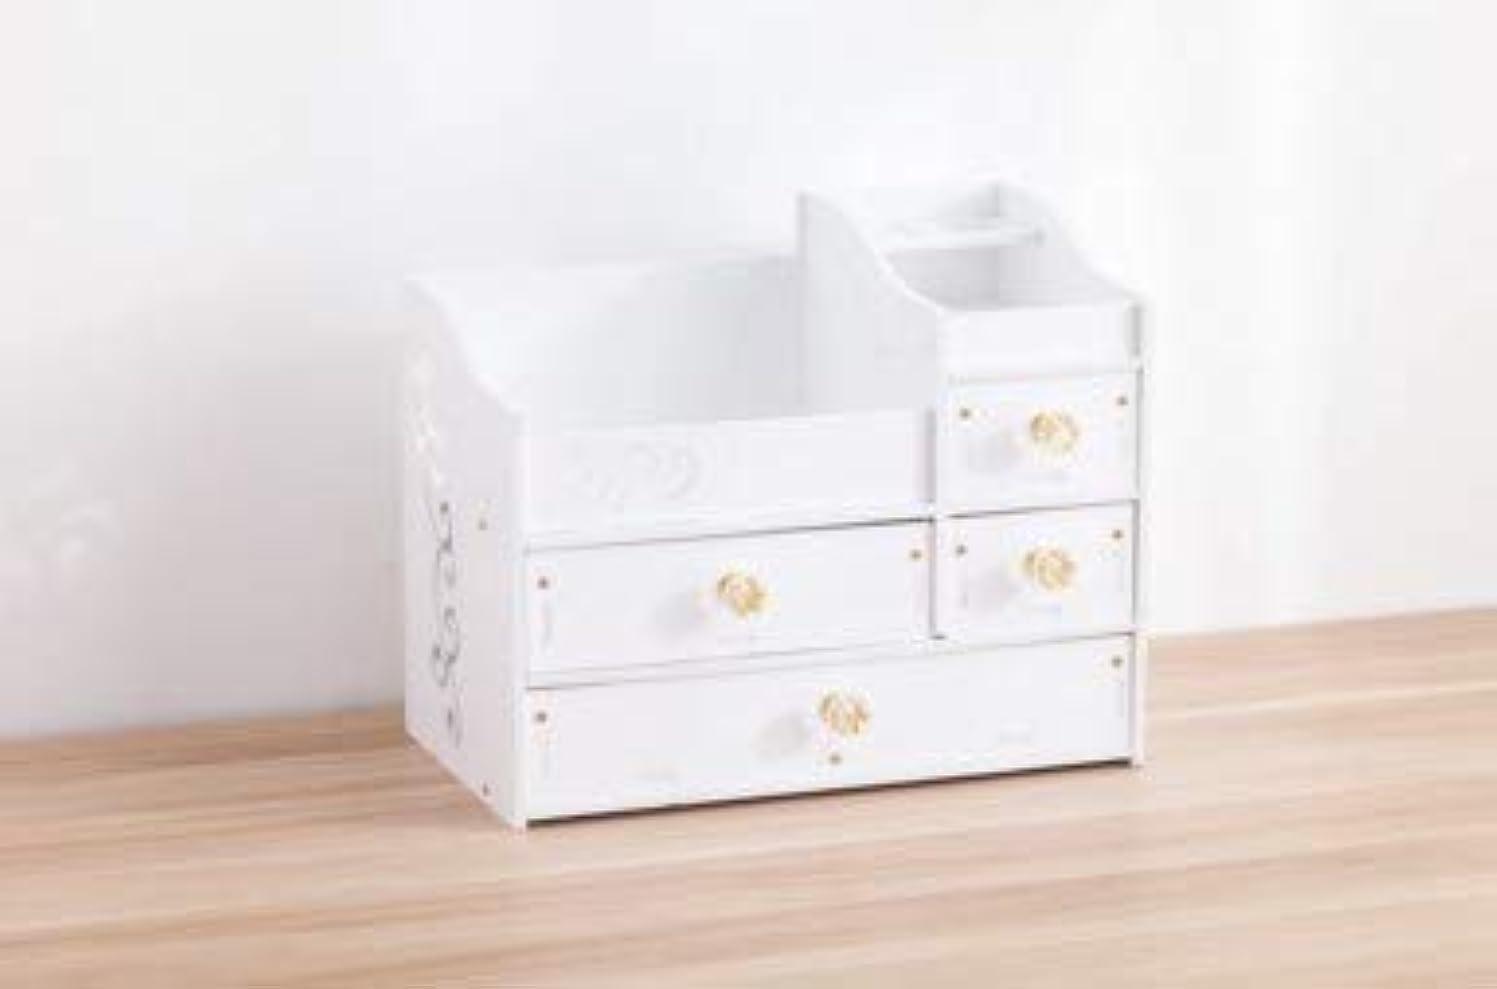 繰り返した生む凝縮するデスクトップスキンケア化粧台ジュエリーボックスクリスタルハンドル引き出し収納ボックス木製化粧品収納ボックス